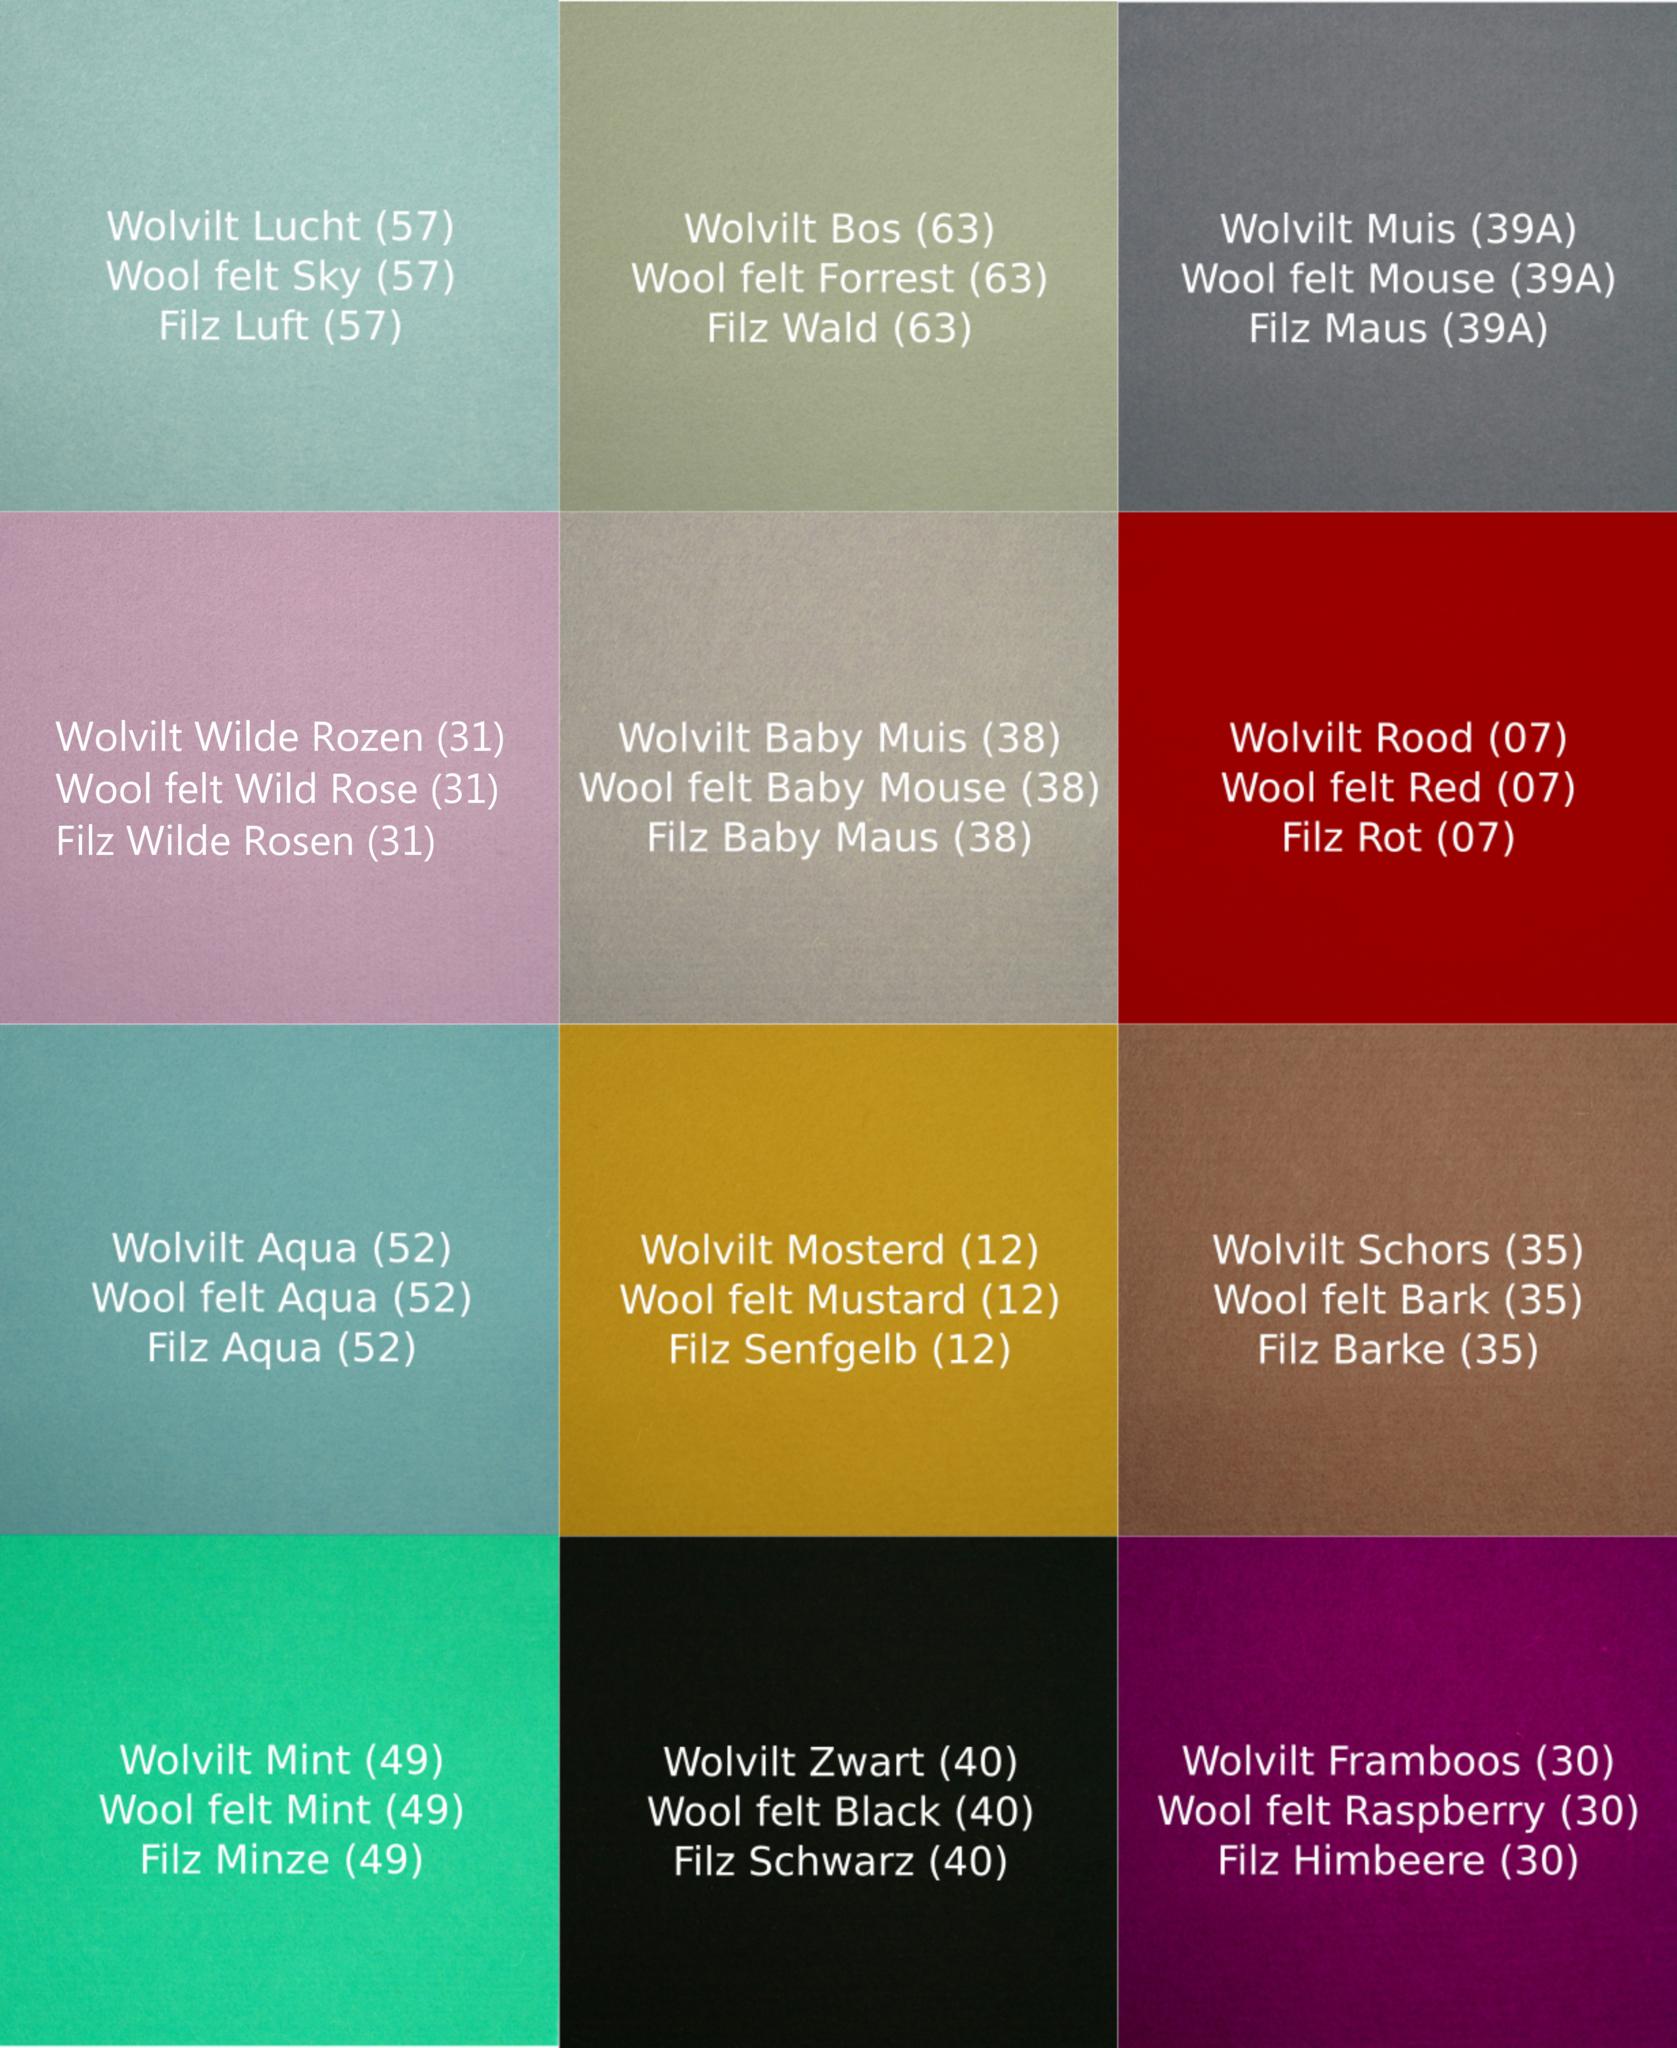 Wobbel Pro Blank Gelakt  - Vilt Muis